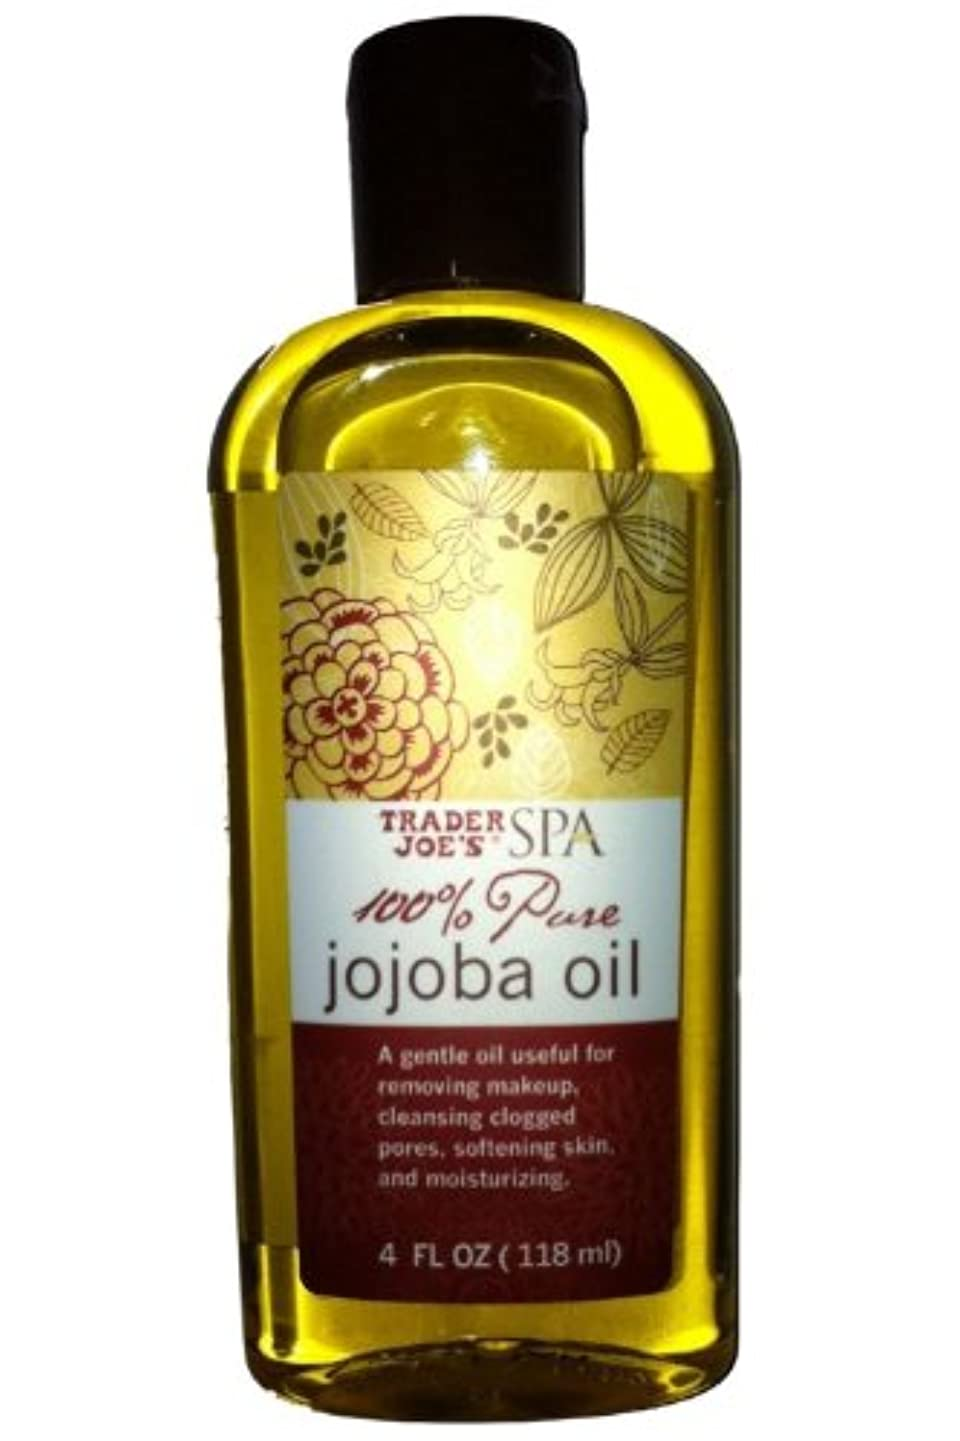 ブースト気配りのある抑圧トレーダージョーズ 100%ピュア ホホバオイル[並行輸入品] Trader Joe's SPA 100% Pure Jojoba Oil (4FL OZ/118ml)